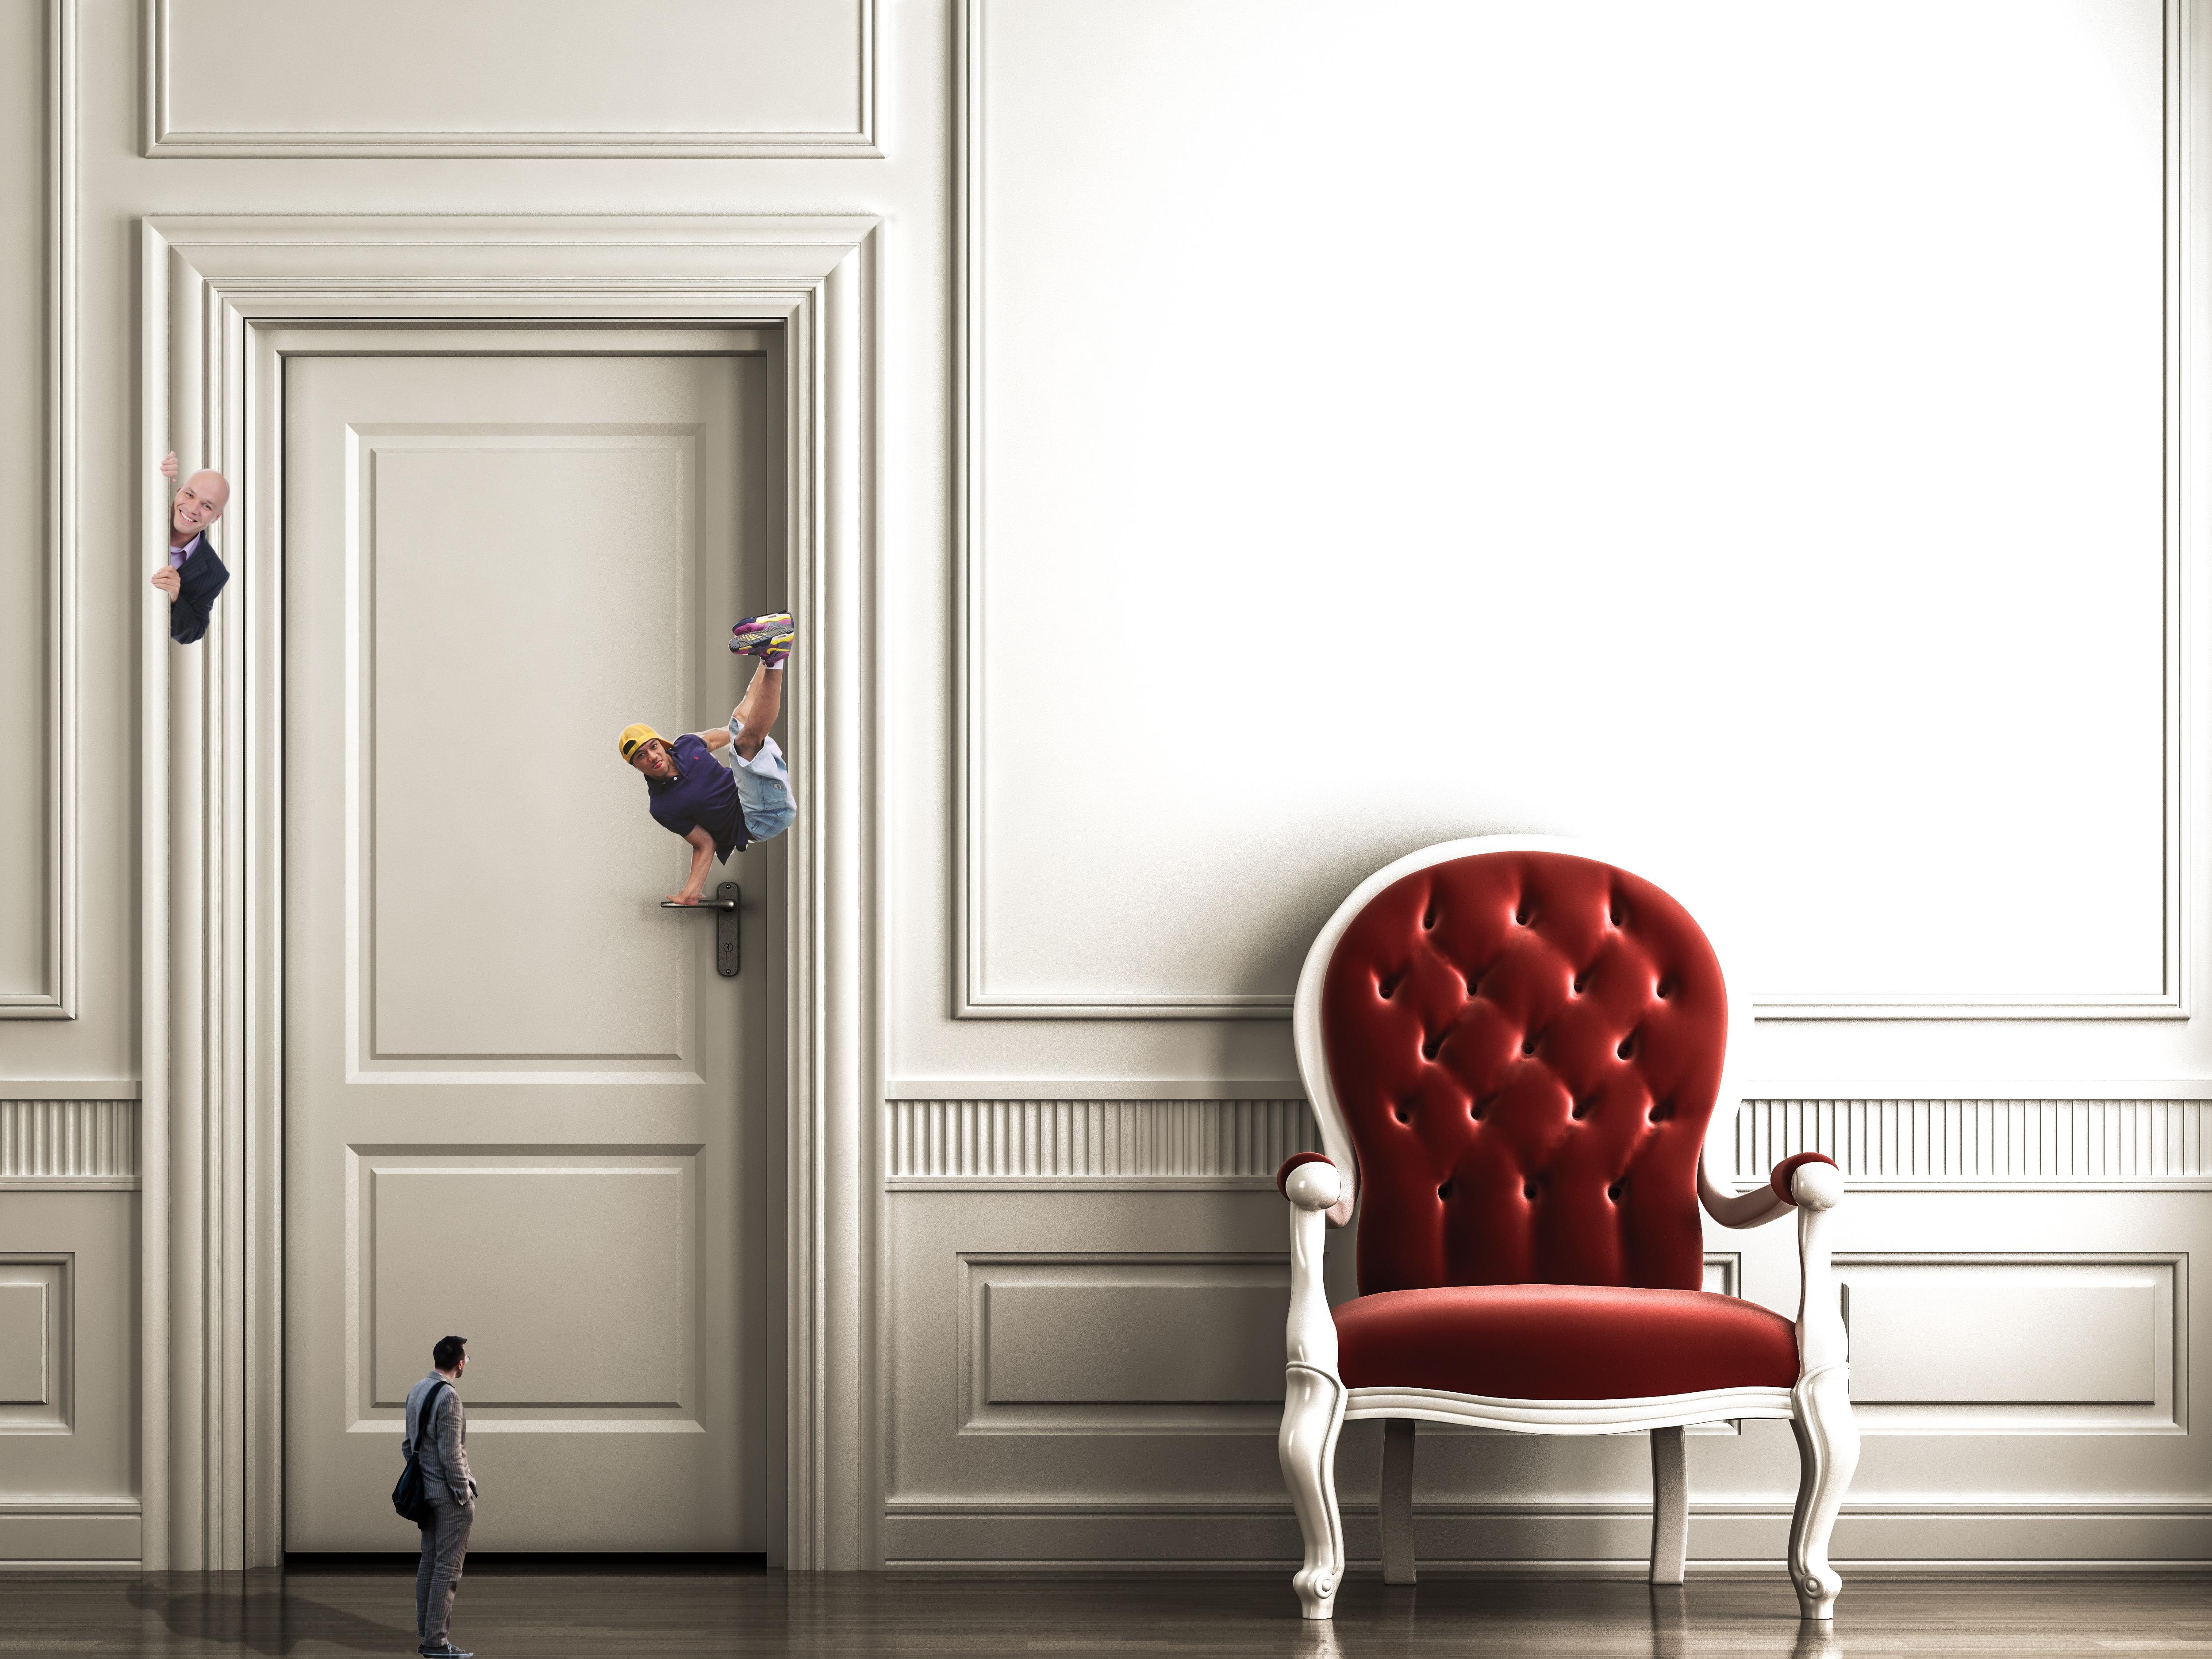 Images Gratuites Paysage Sol Maison Mur Bureau Humain Salon Meubles Chambre Porte